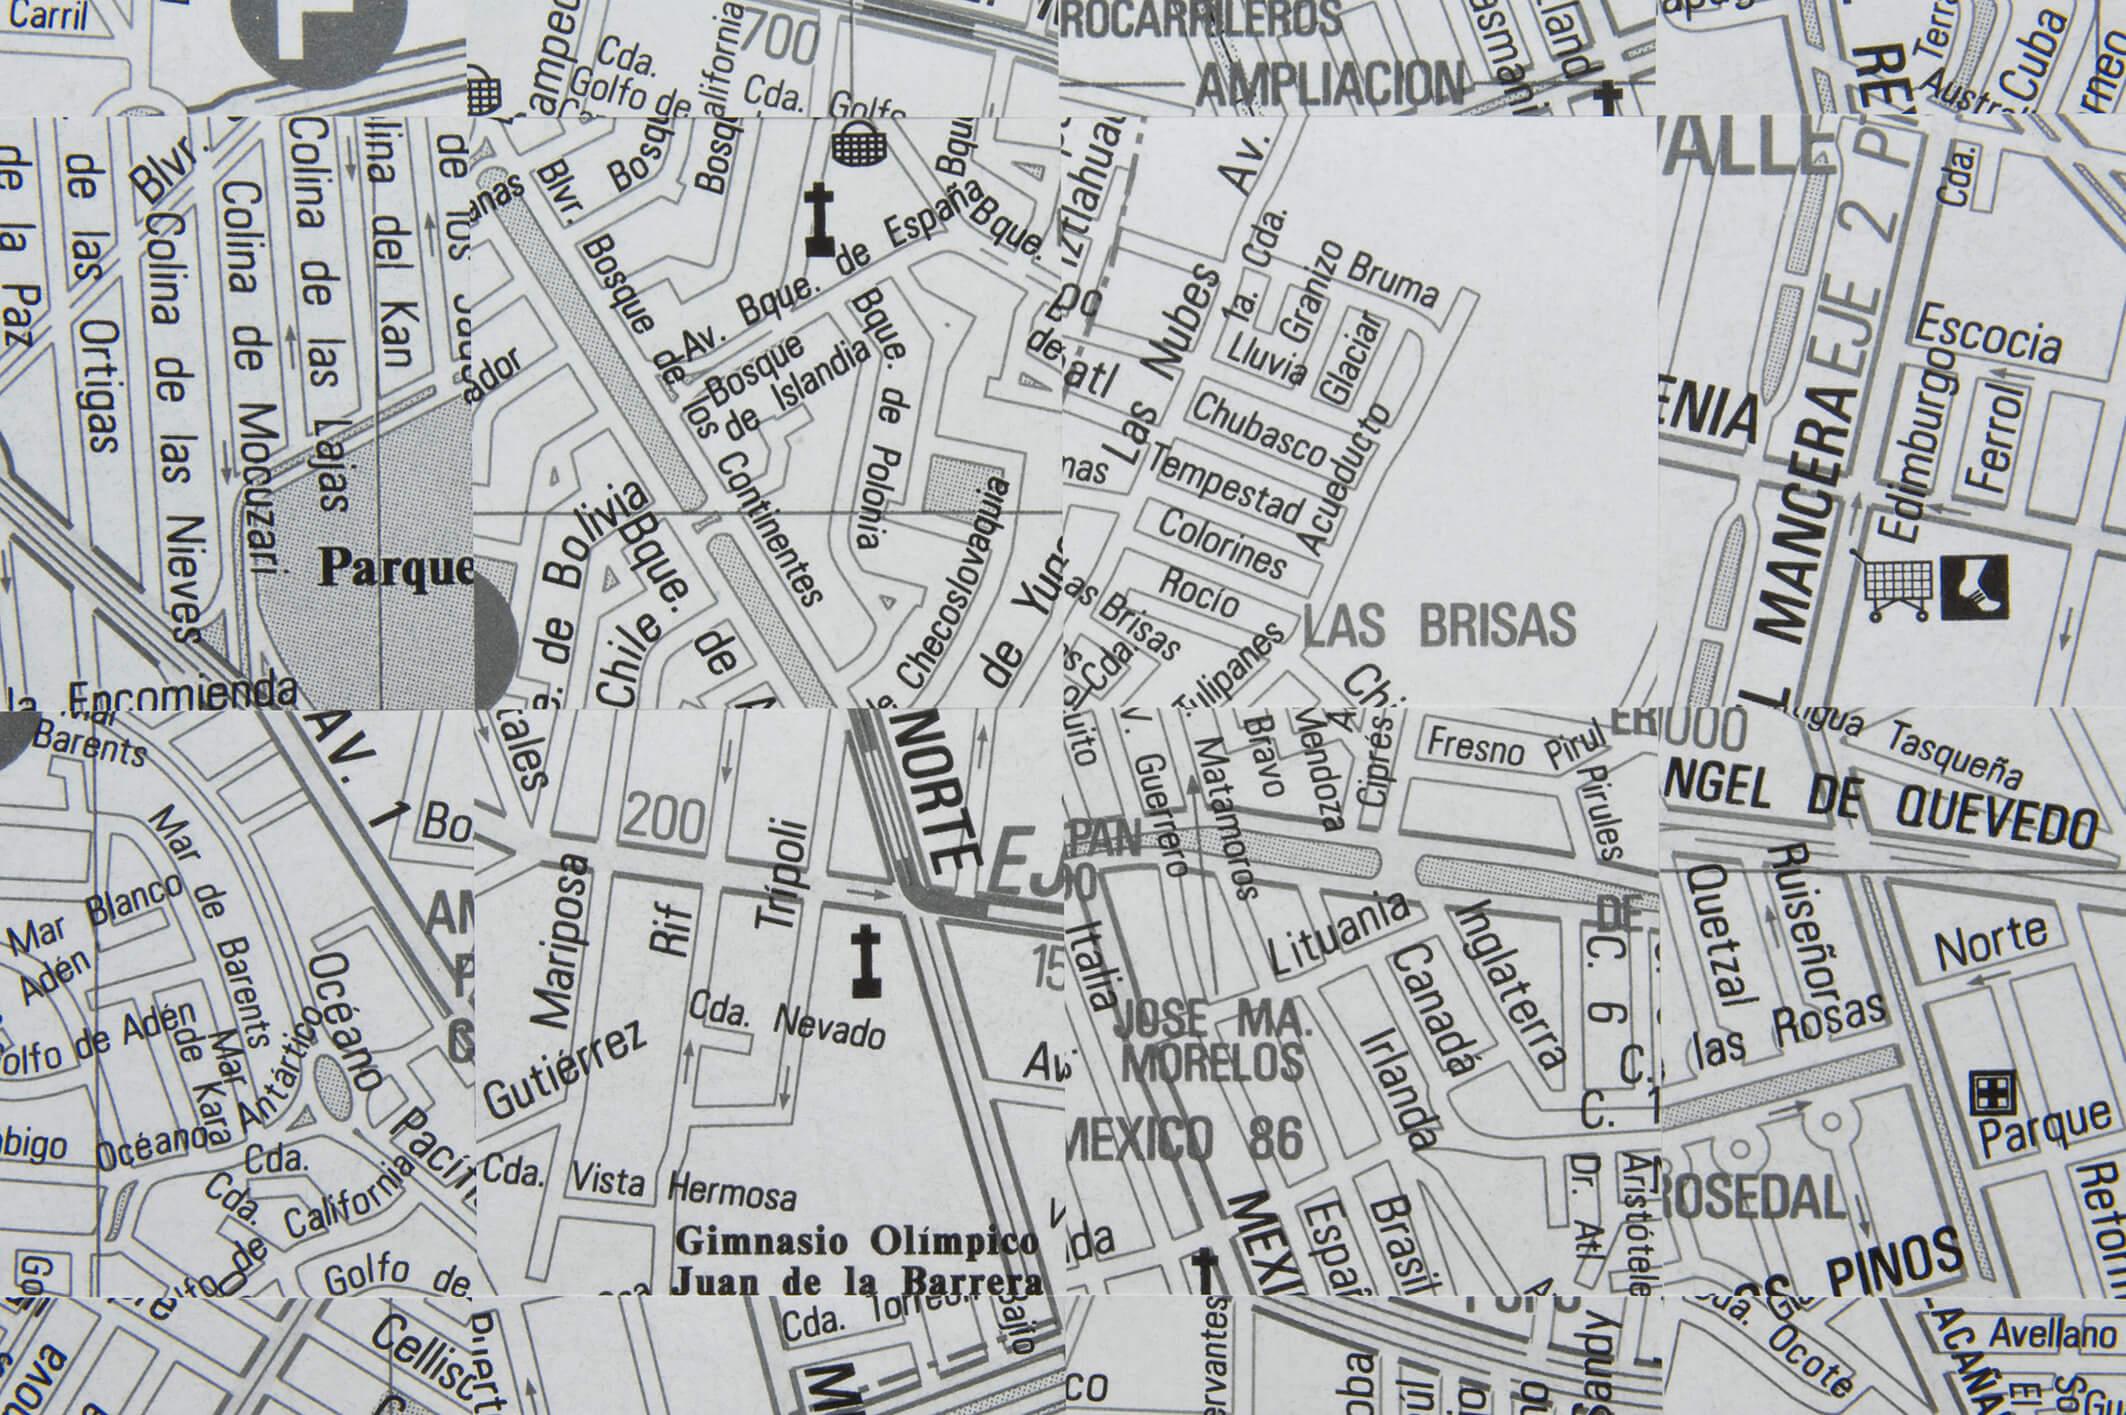 La idea del Norte: Calles, 2014 (Detail) | La idea del Norte | ProjecteSD